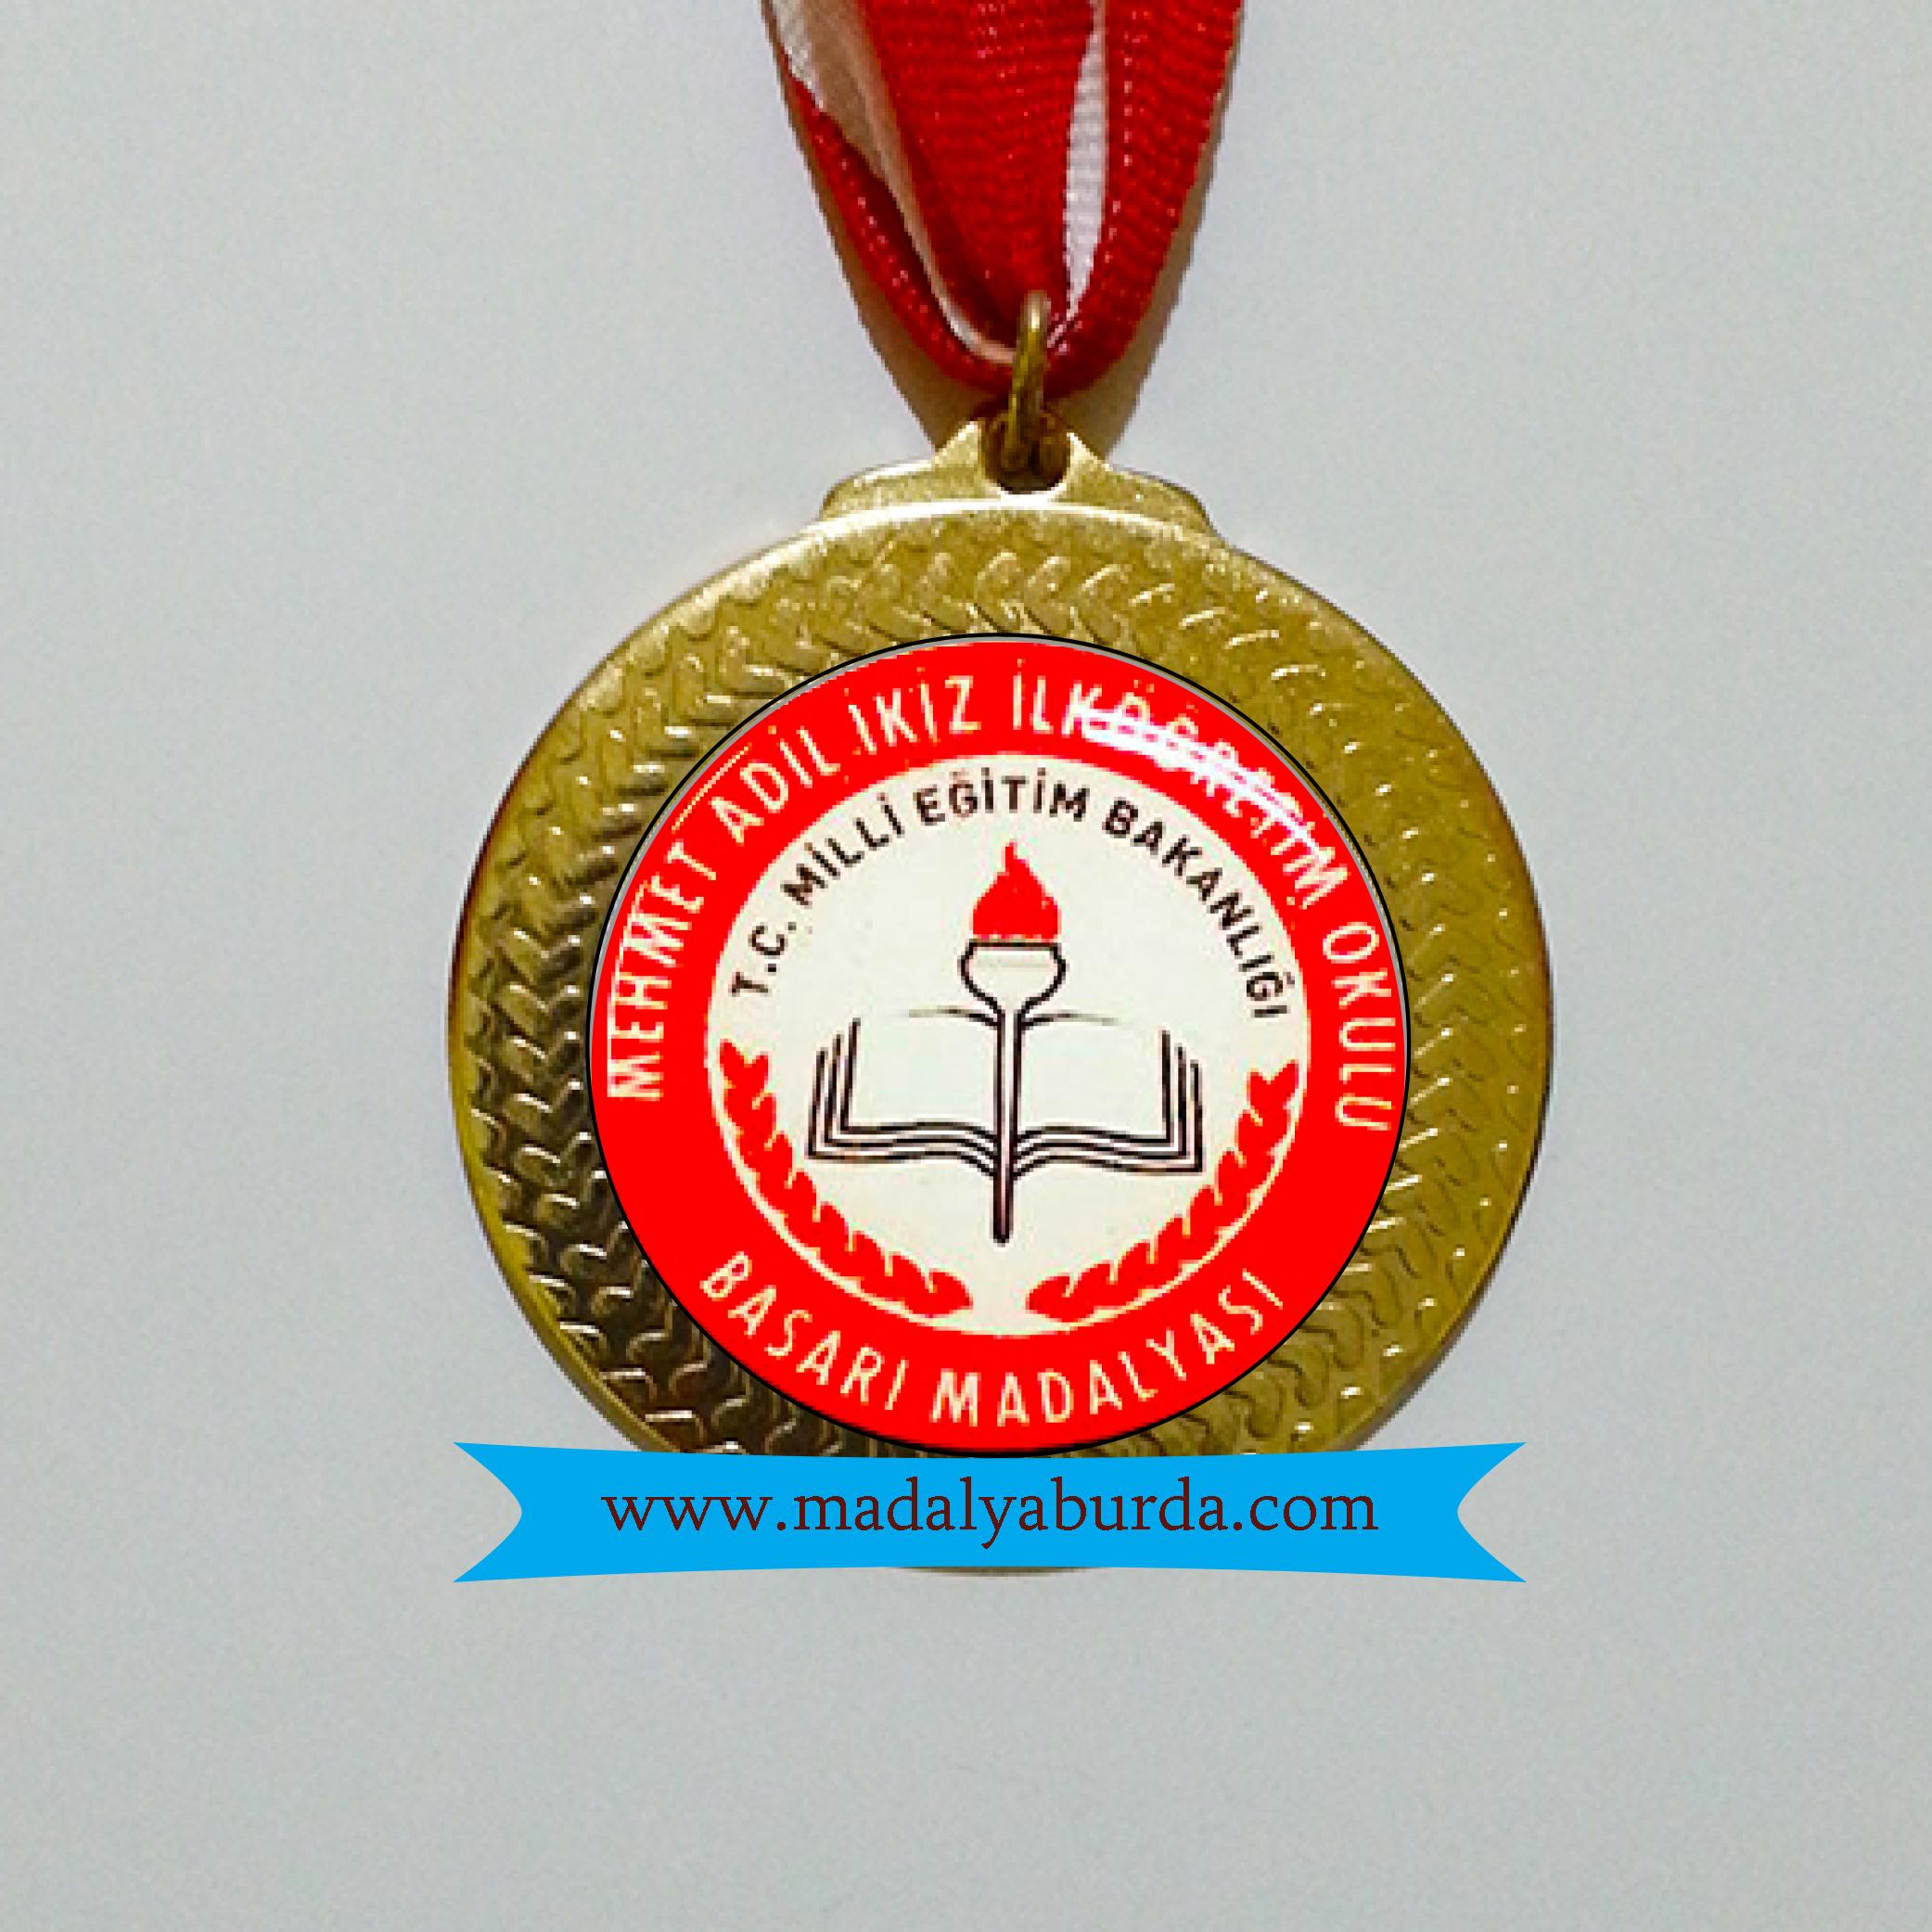 başarı madalyaları